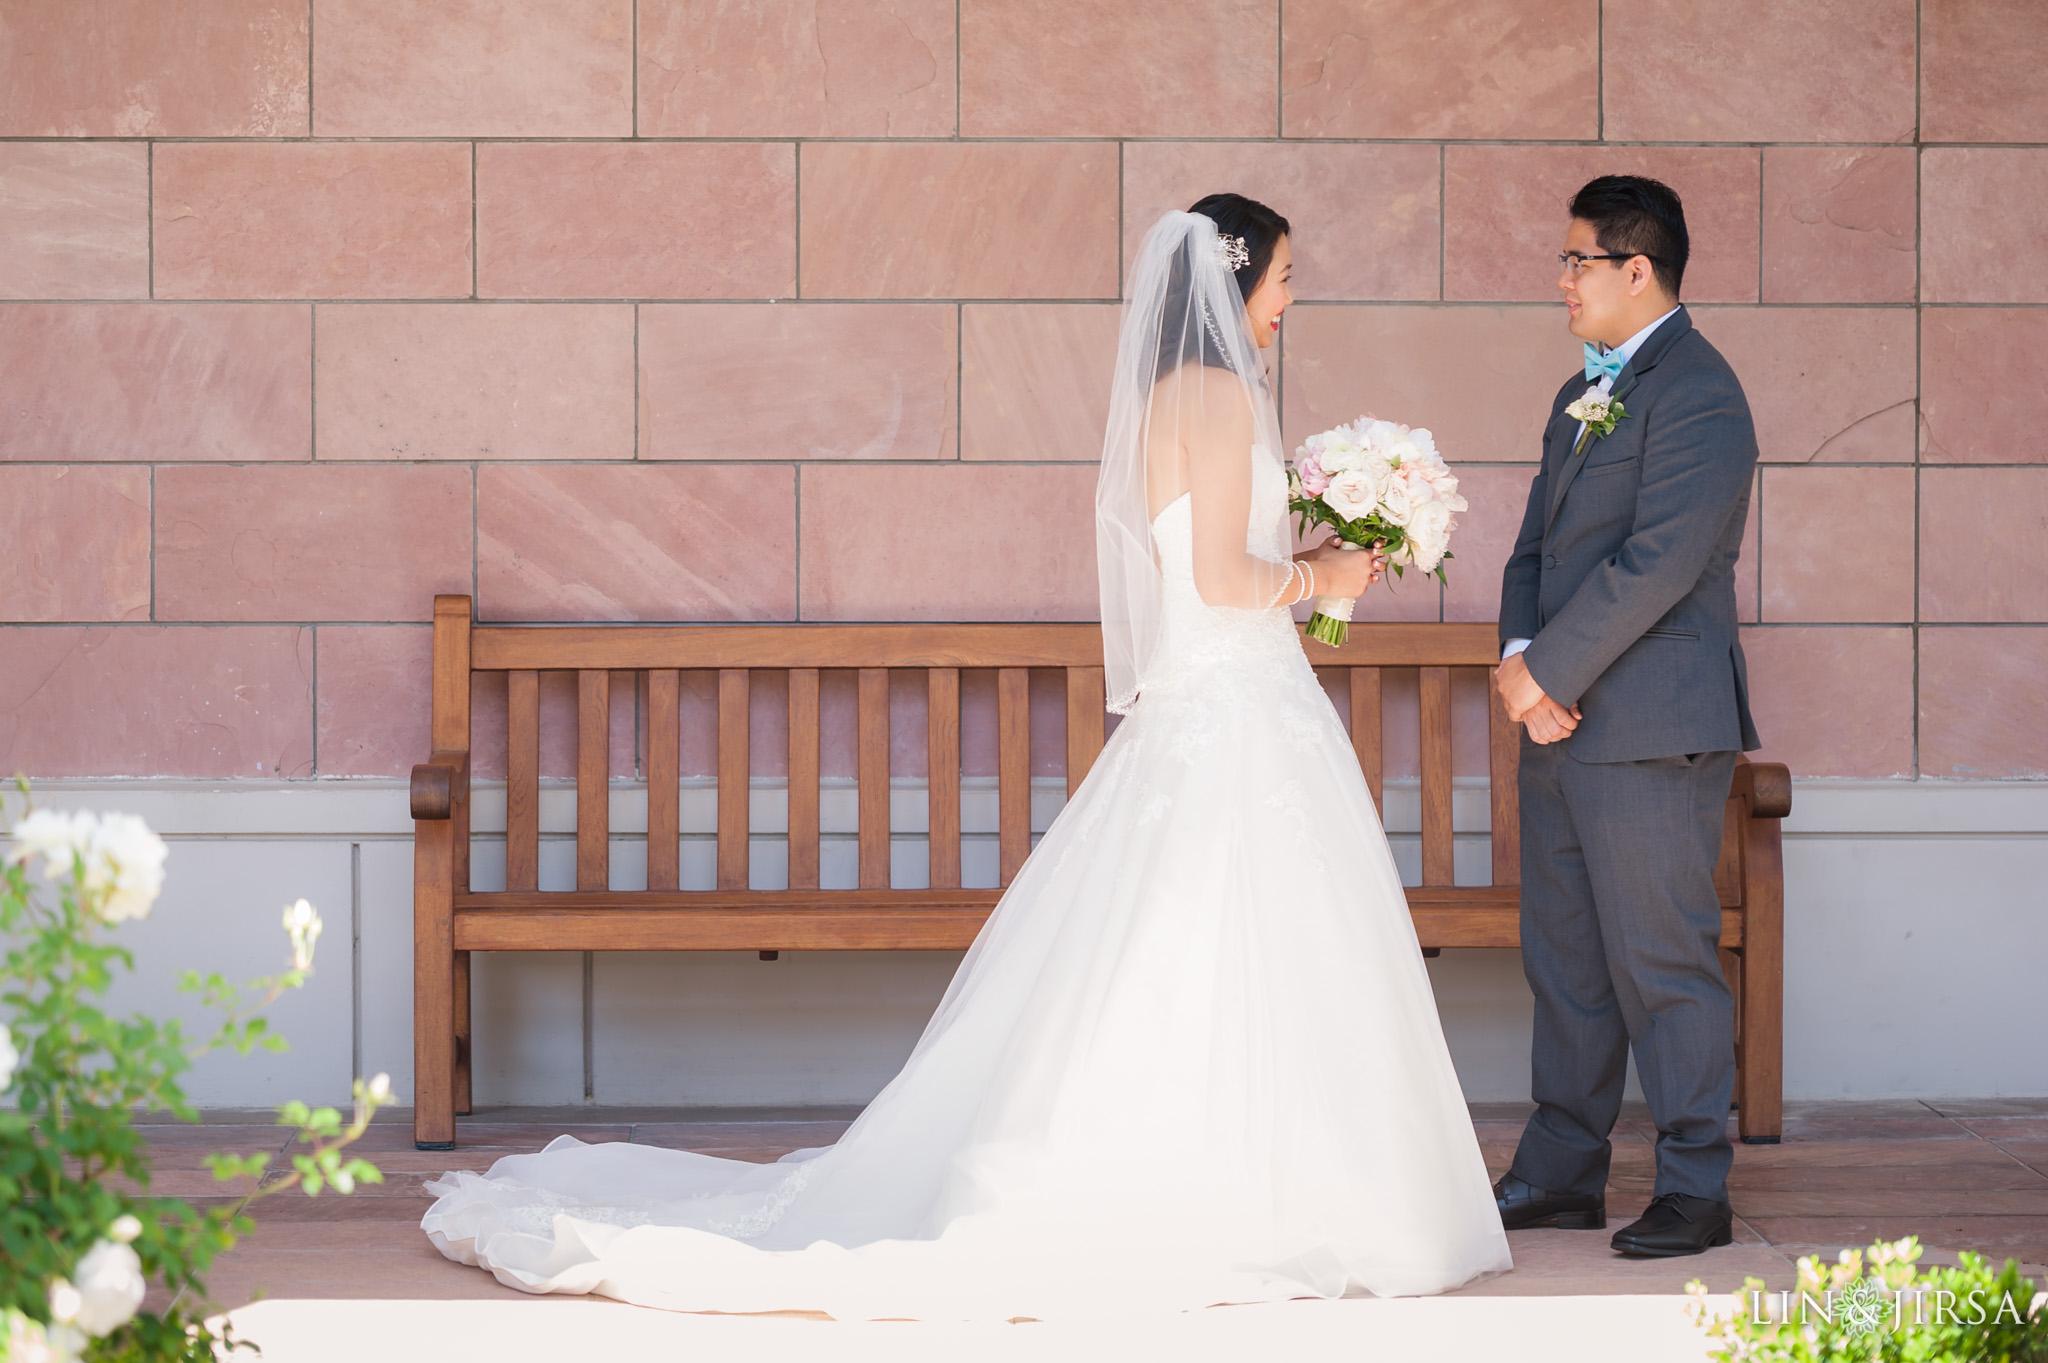 12-richard-nixon-libary-wedding-photography